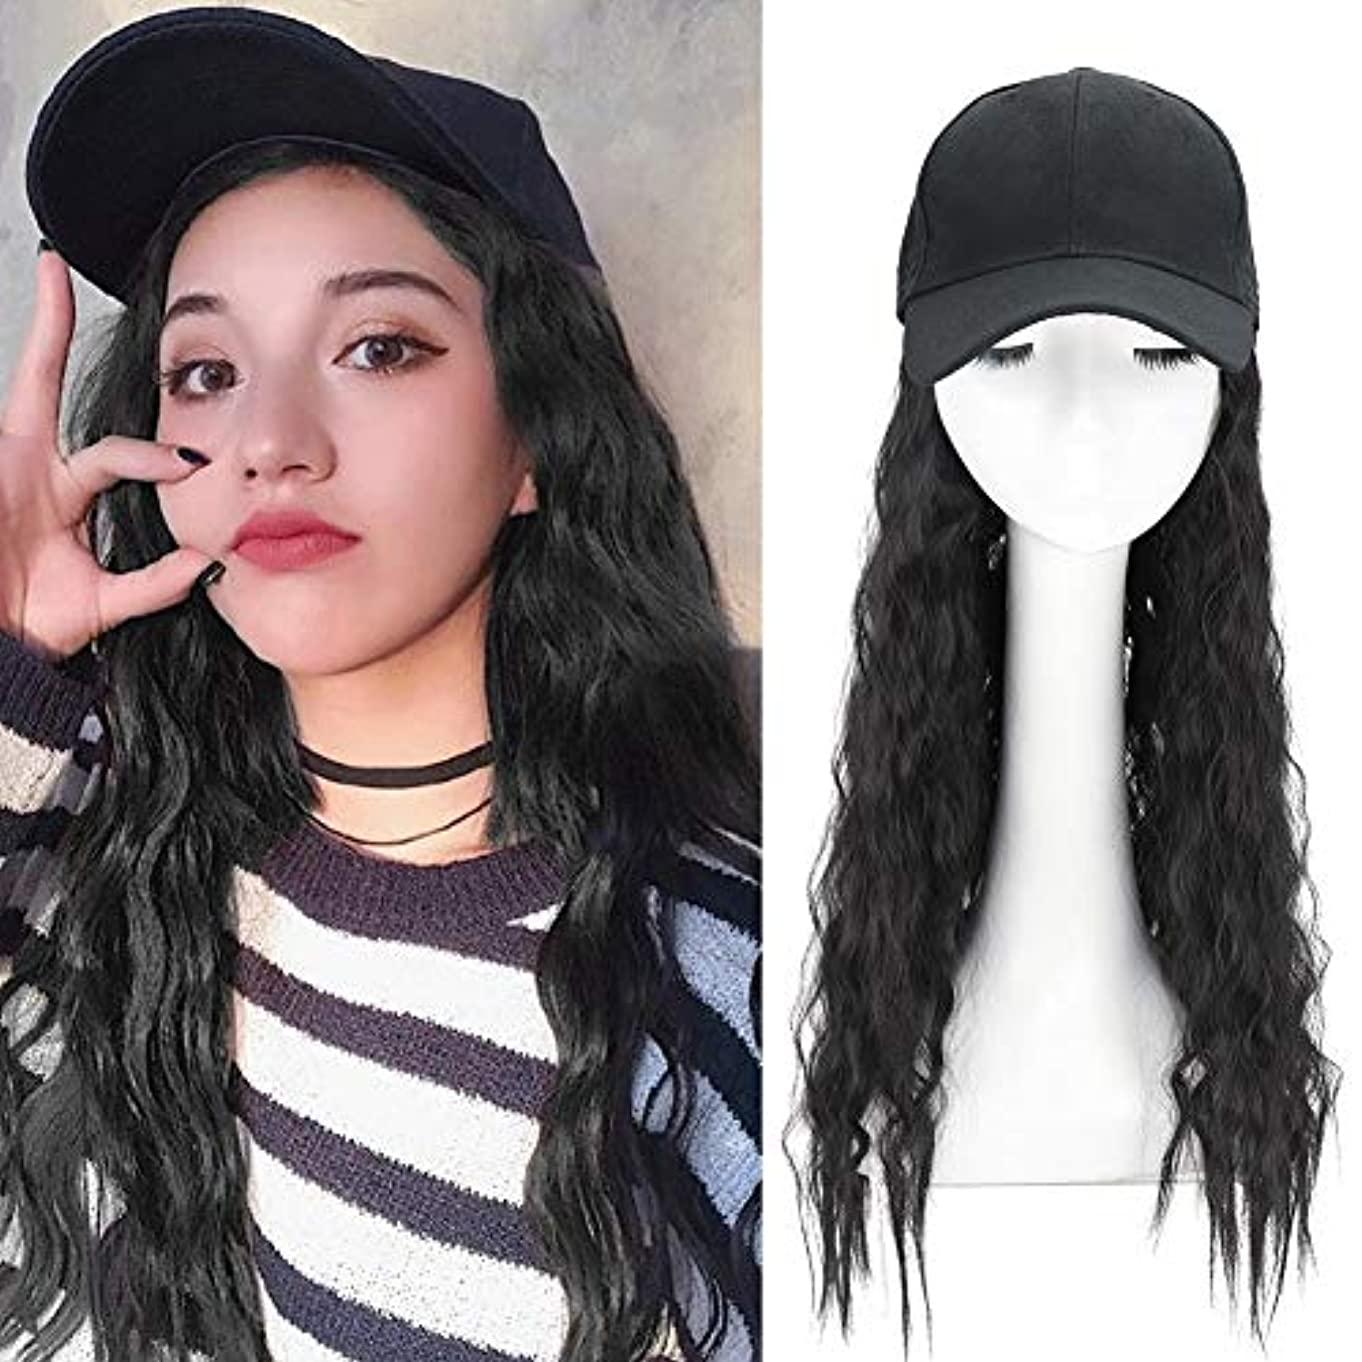 インチウェブ煙突長い巻き毛を持つ合成長波野球帽合成毛を持つ波状かつらキャップ女の子のための髪を持つ調整可能な野球帽帽子